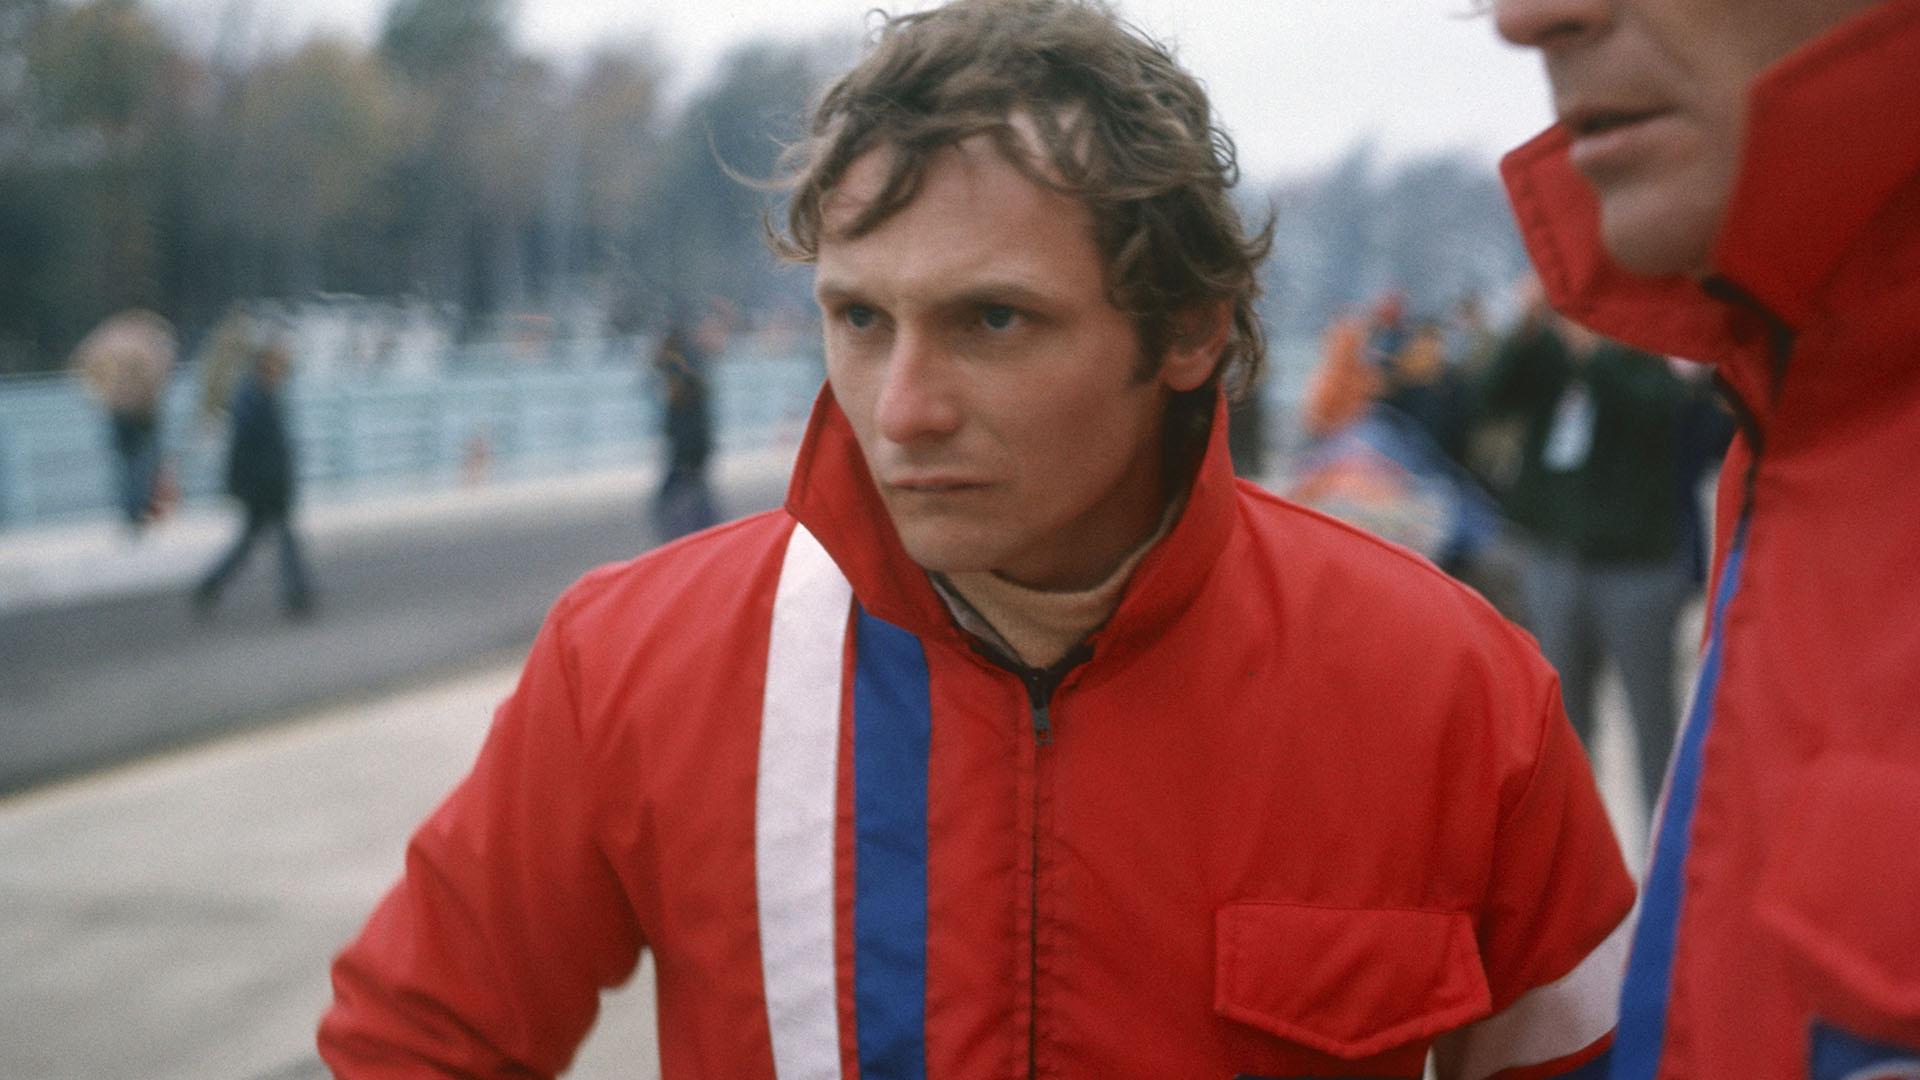 Una imagen antes del accidente sufrido en Nürburgring en 1976